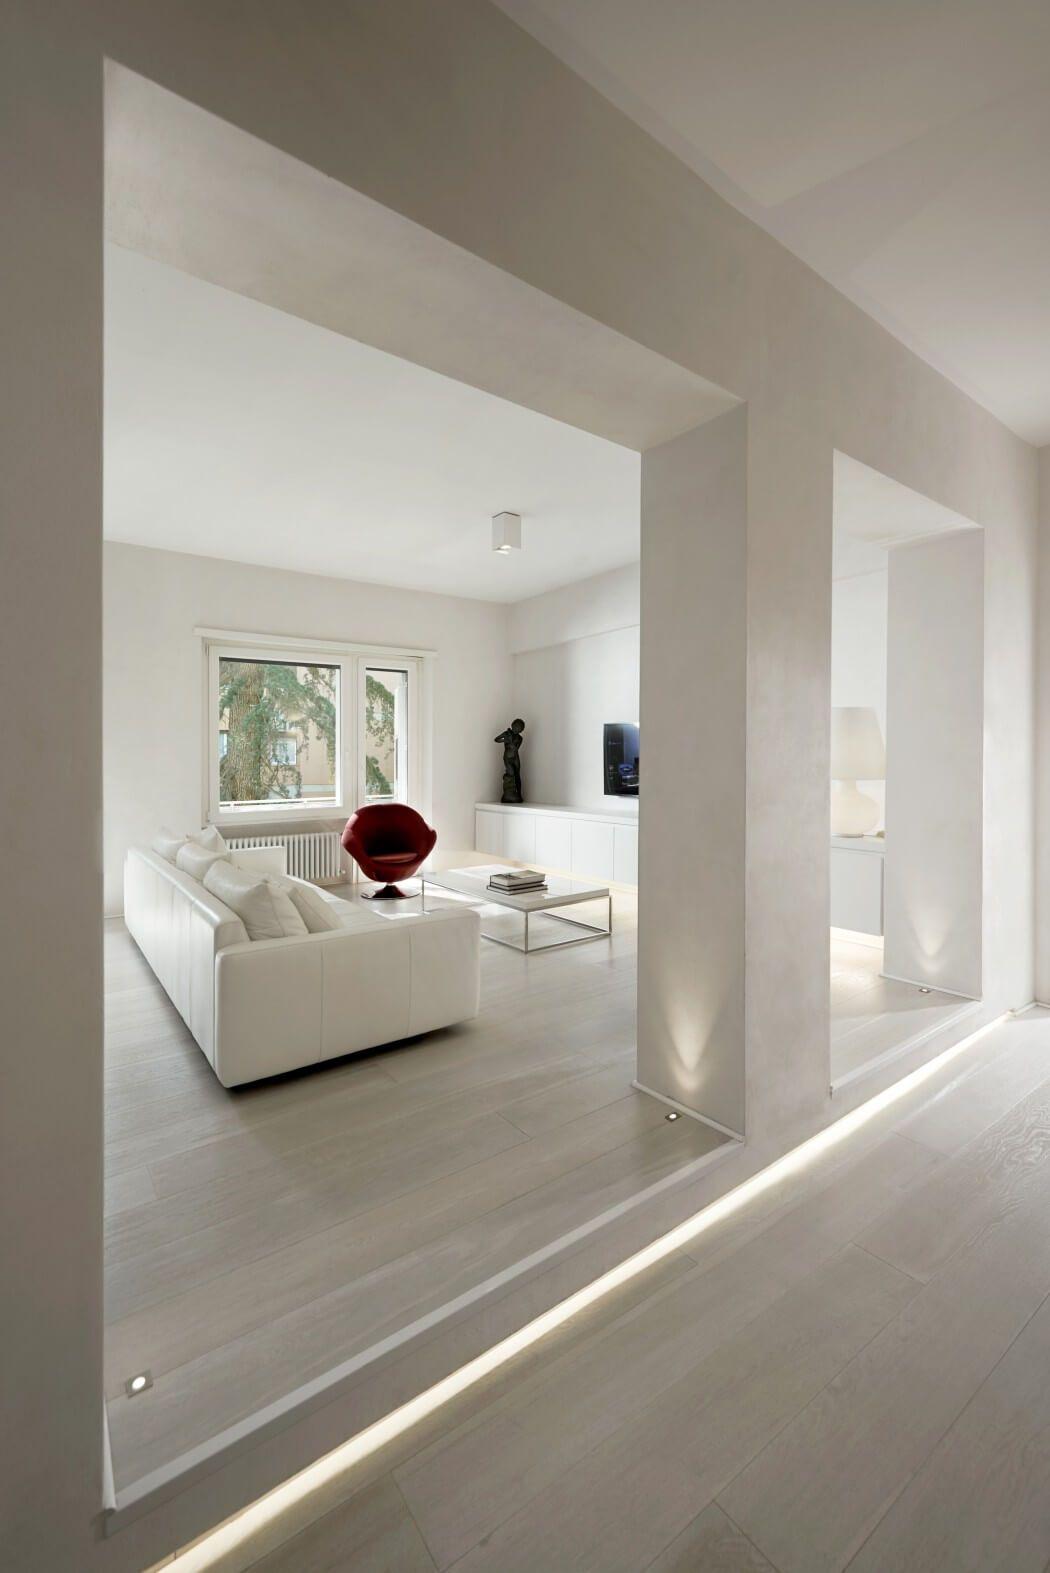 Éclairage podium et sol lighting p apartment by carola vannini